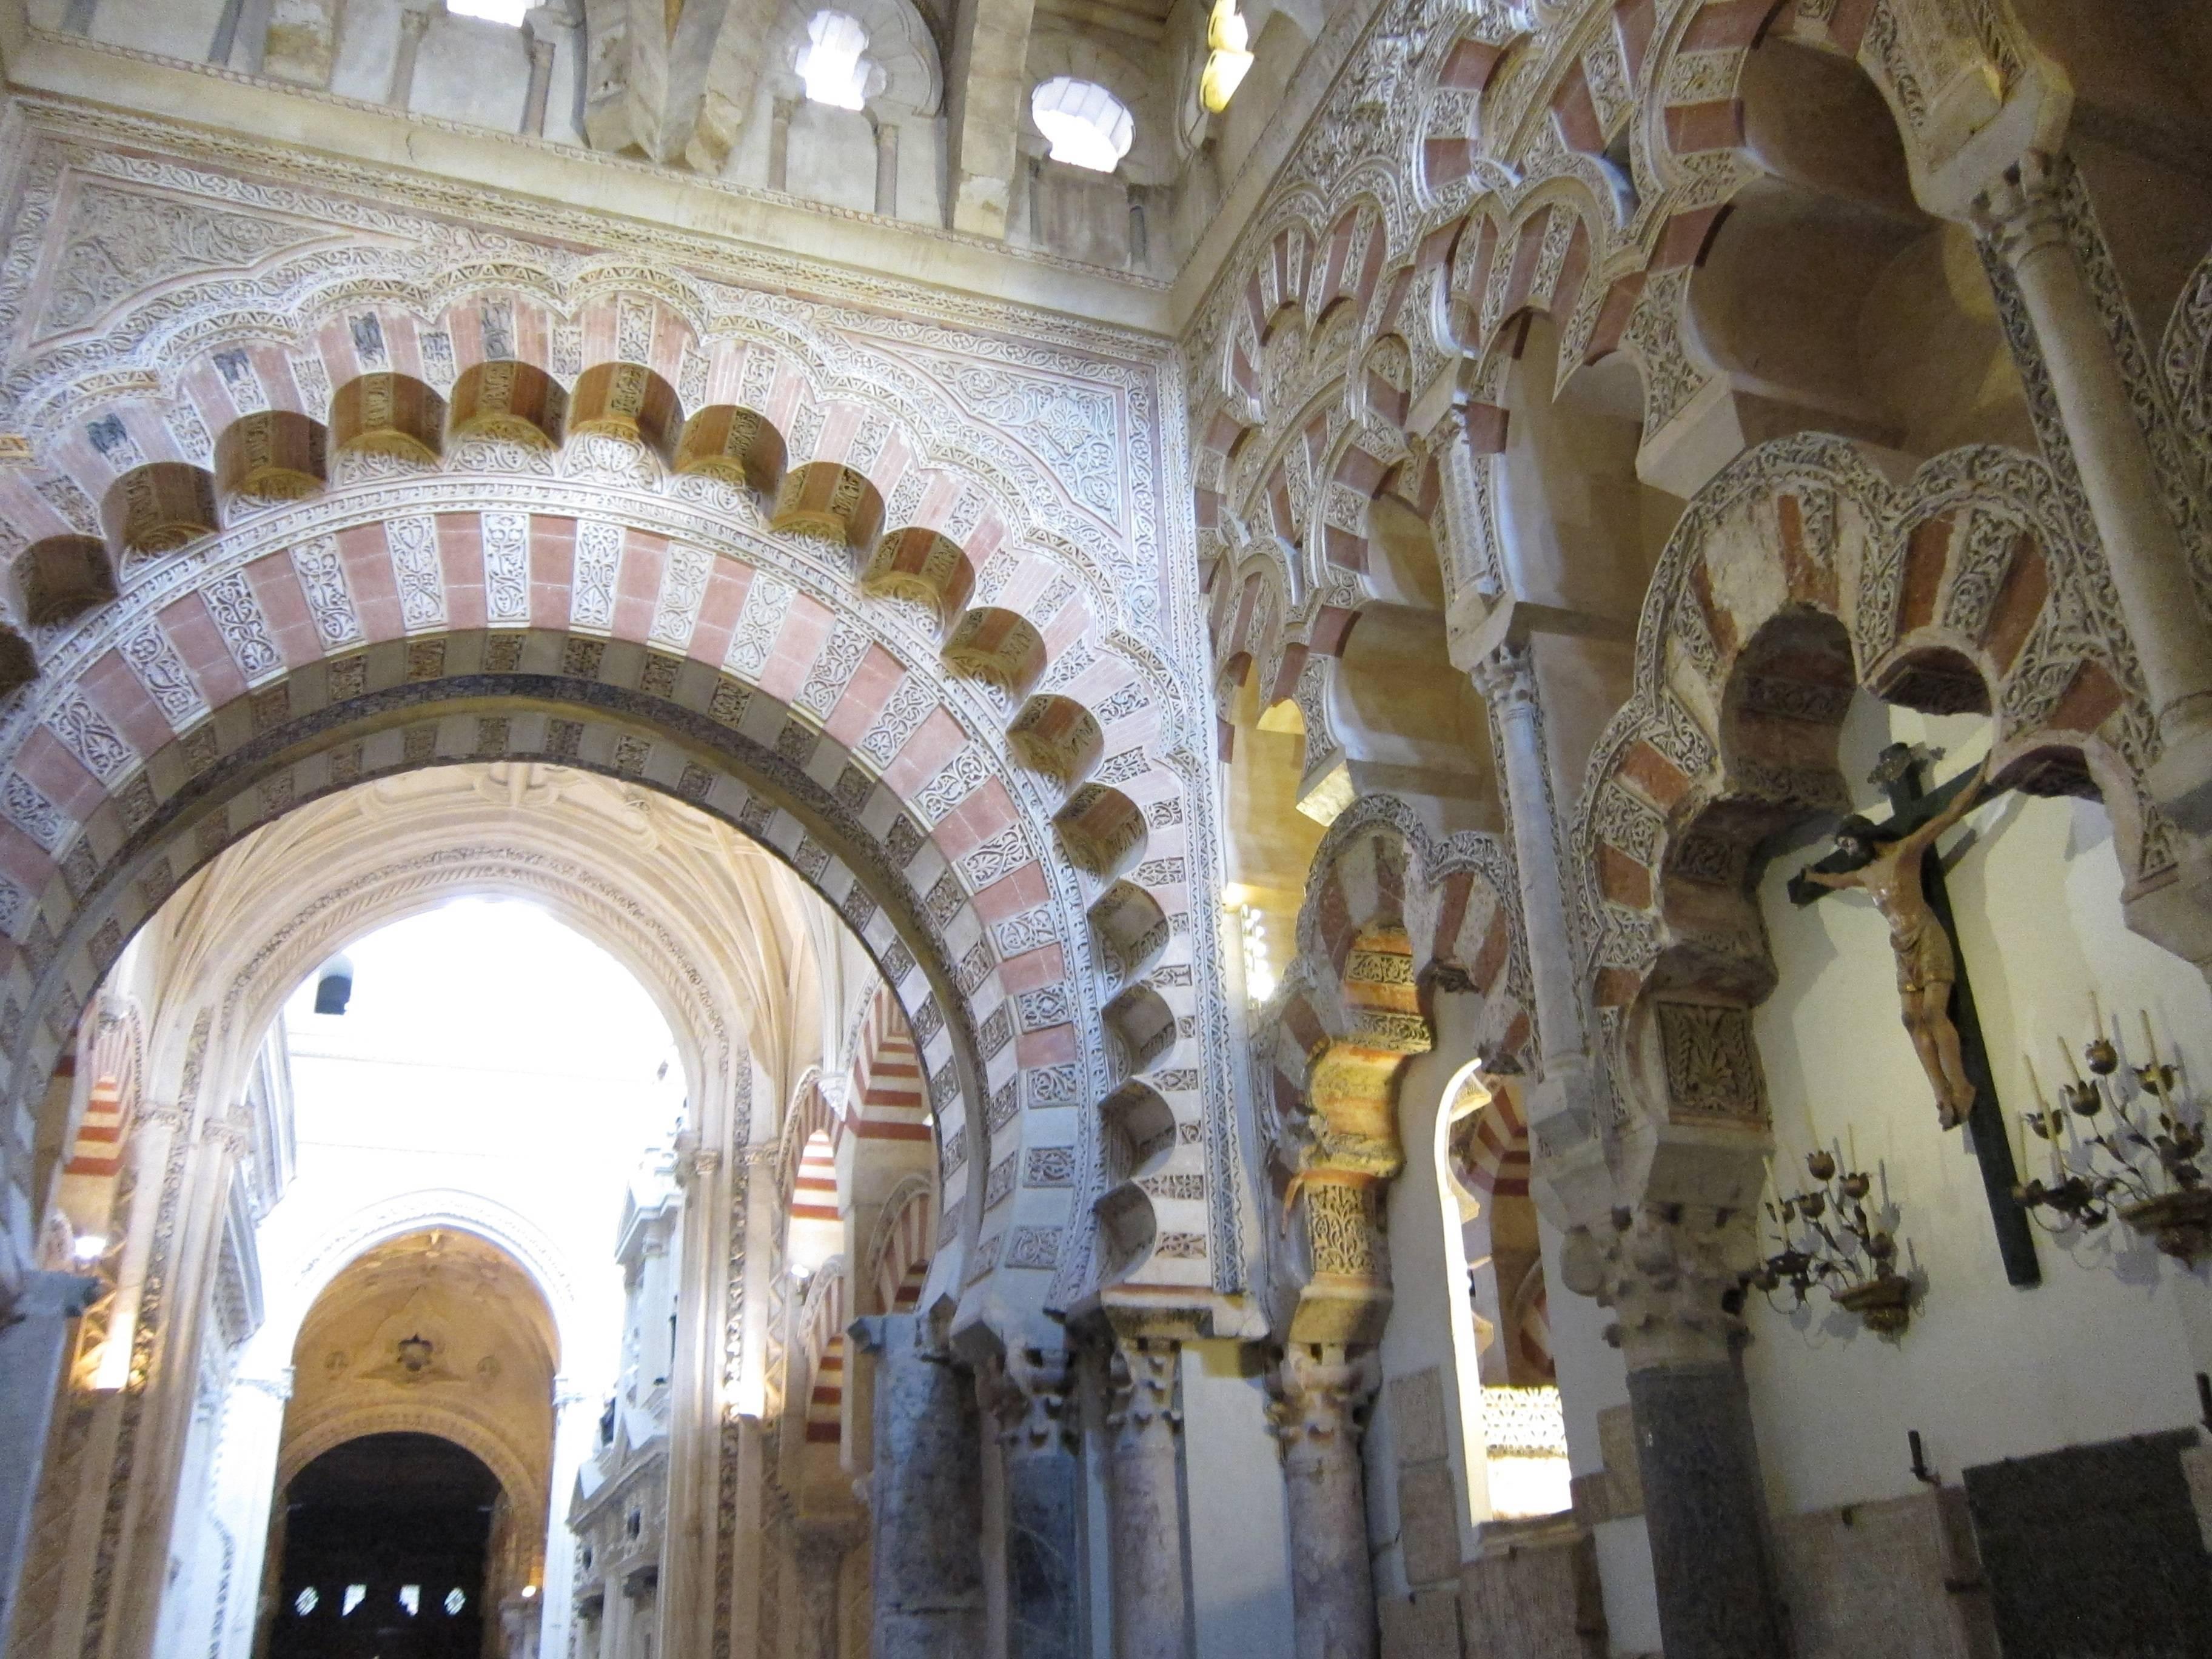 mezquita_cordoba_cruz.jpg